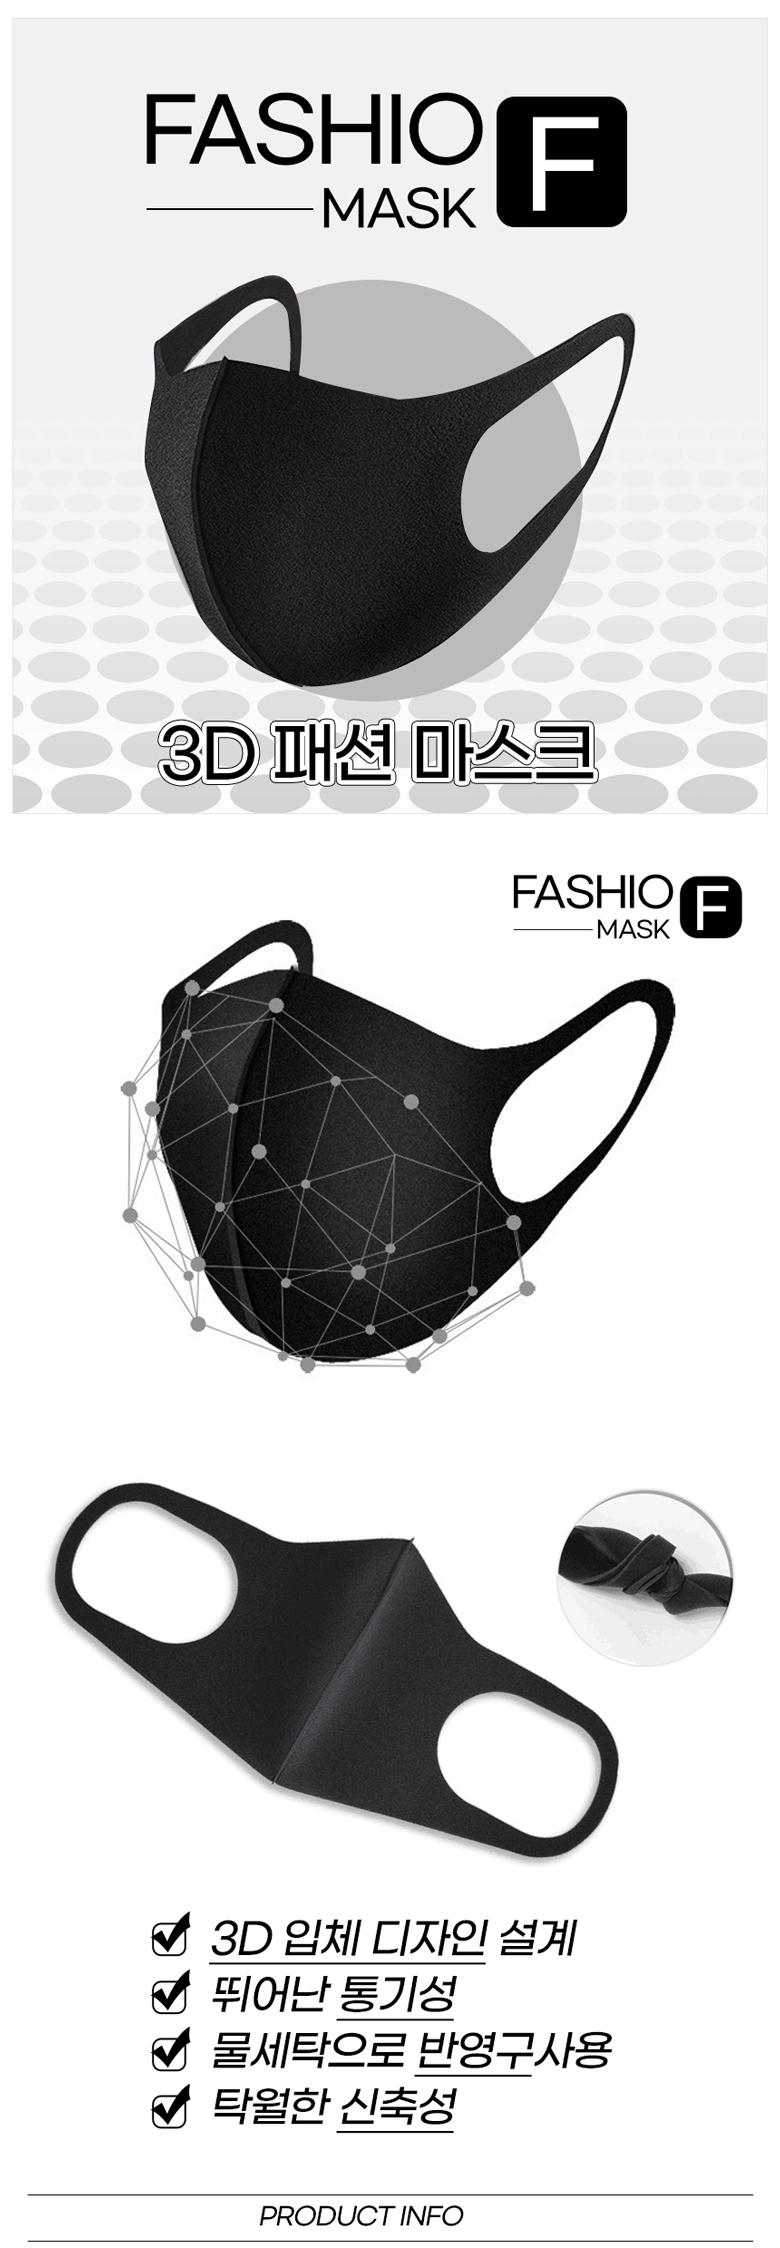 3D_mask_detail_01.jpg